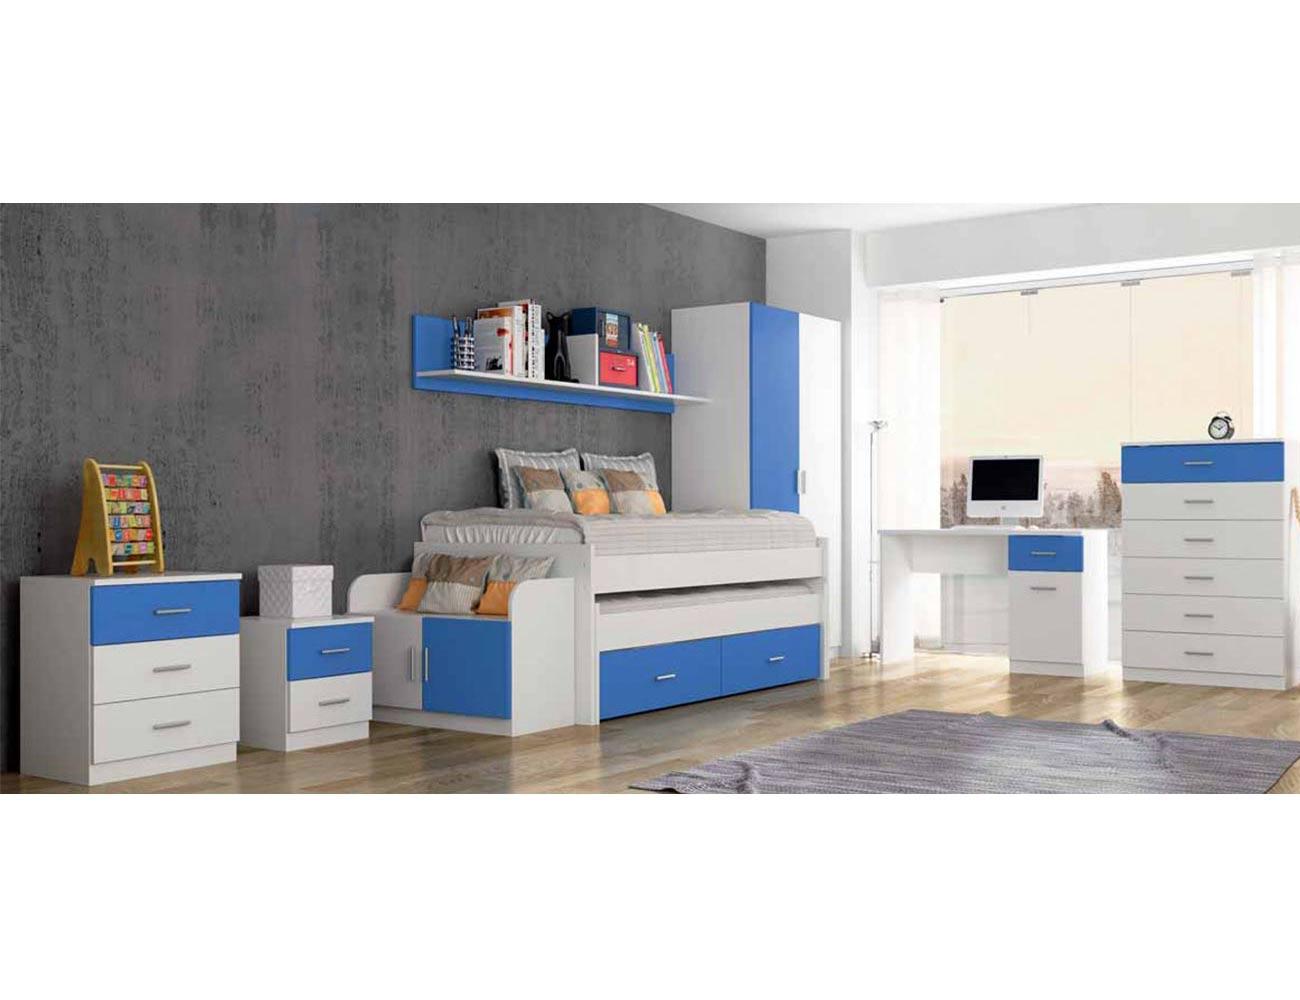 Mueble sinfonier dormitorio juvenil con 6 cajones factory del mueble utrera - Factory del mueble utrera ...